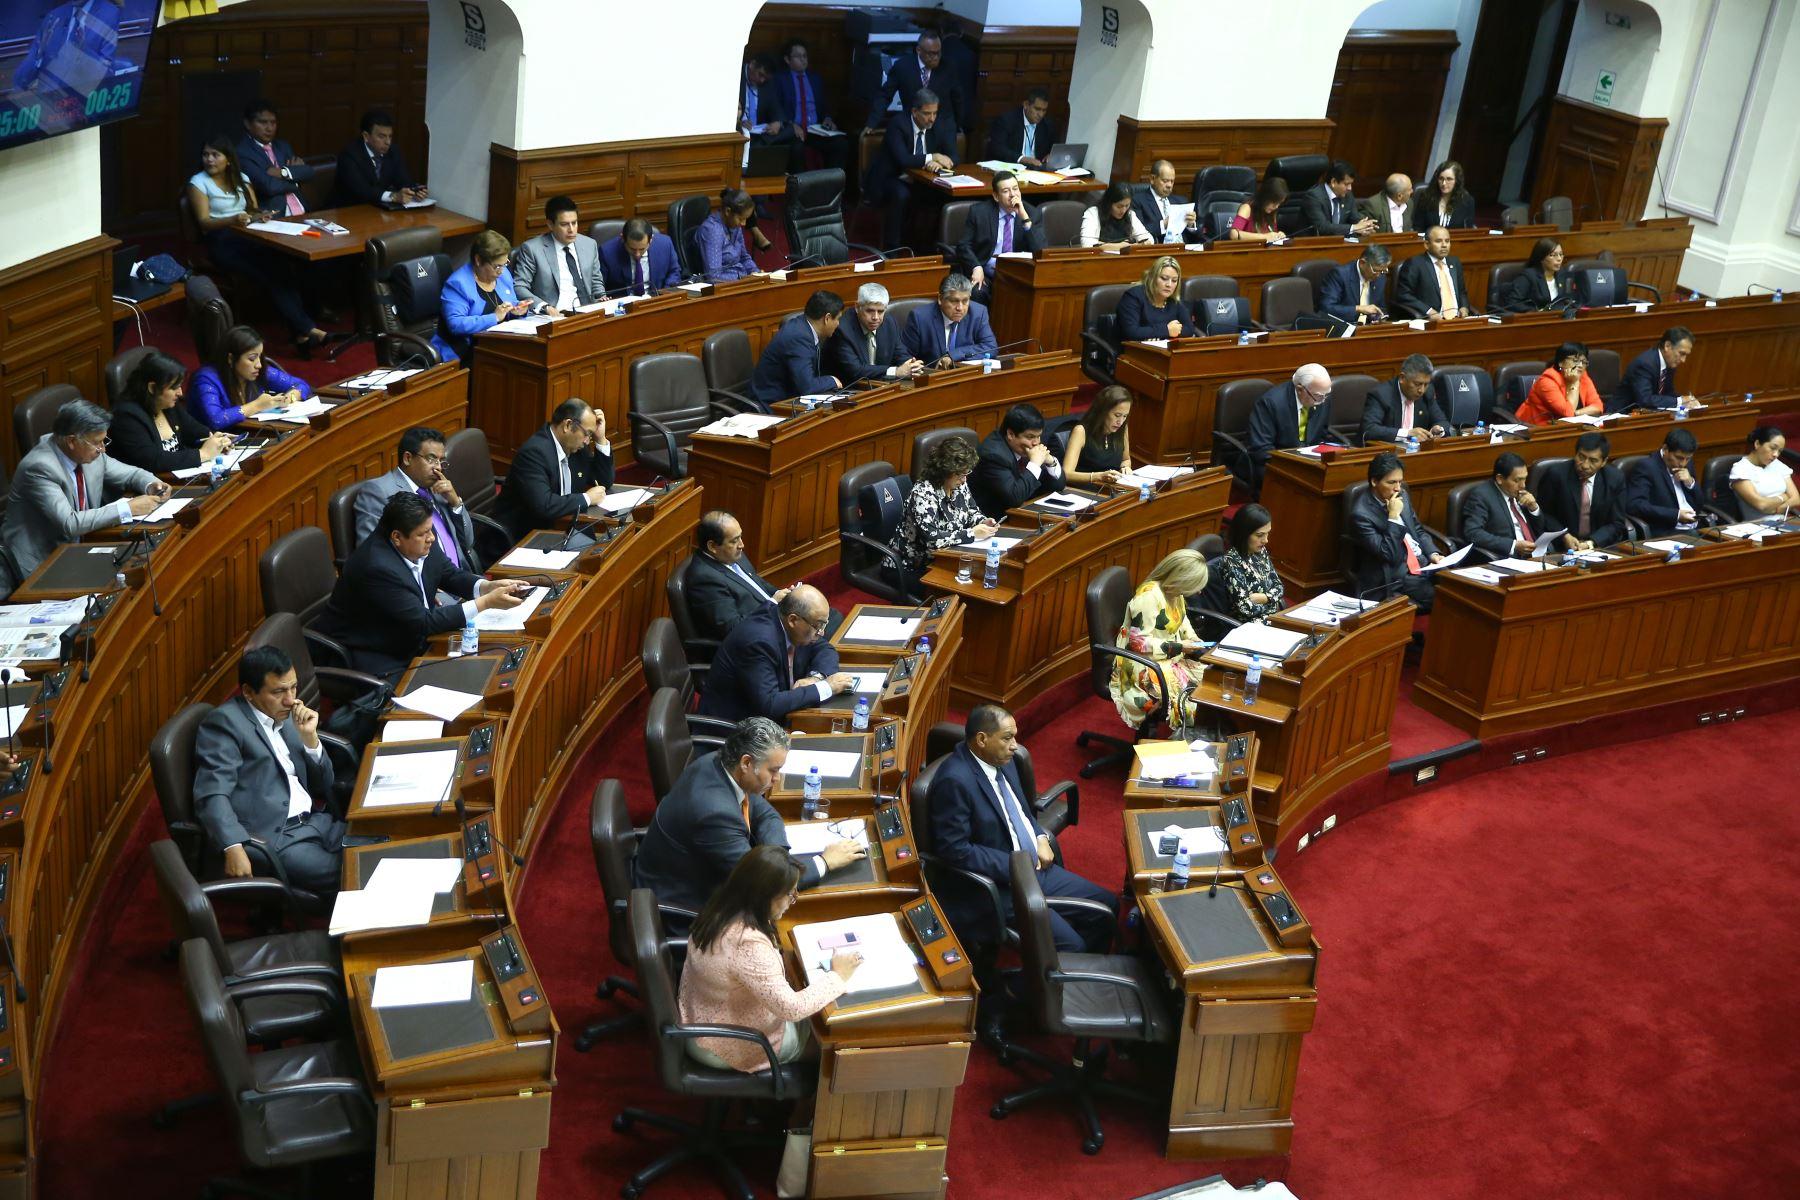 Pleno del congreso debate la aceptación de la carta de renuncia del Presidente Kuczynski. Foto: ANDINA/Melina Mejía